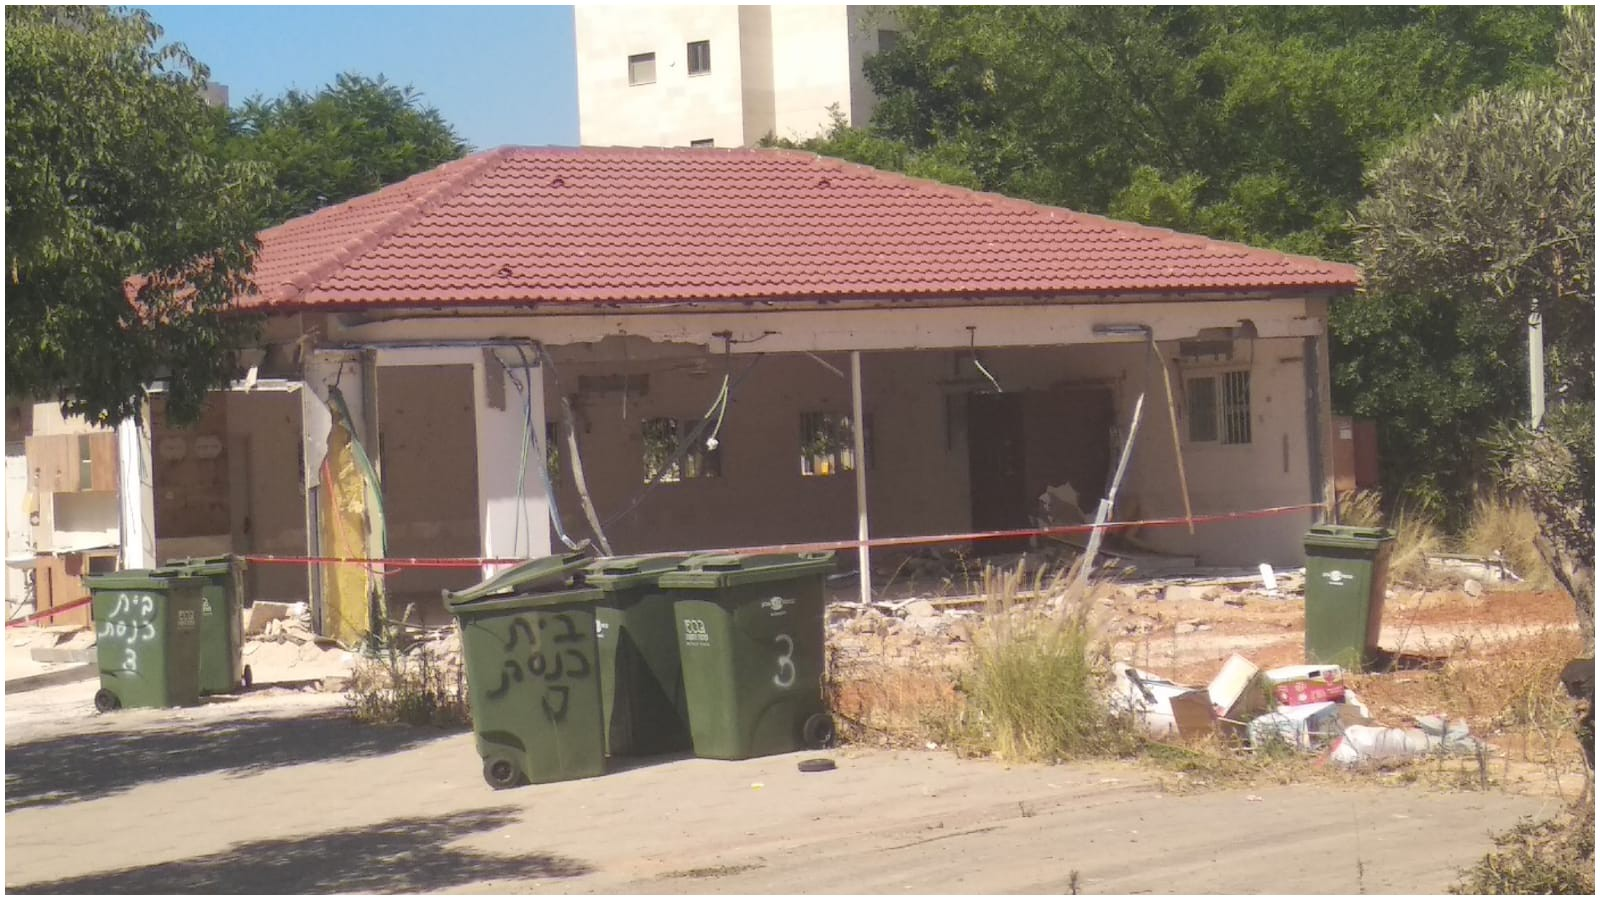 בית הכנסת הספרדי 'מרגלית' ברחוב אויערבך בכפר גנים ג' - נהרס חלקית על ידי העירייה. צילום פרטי